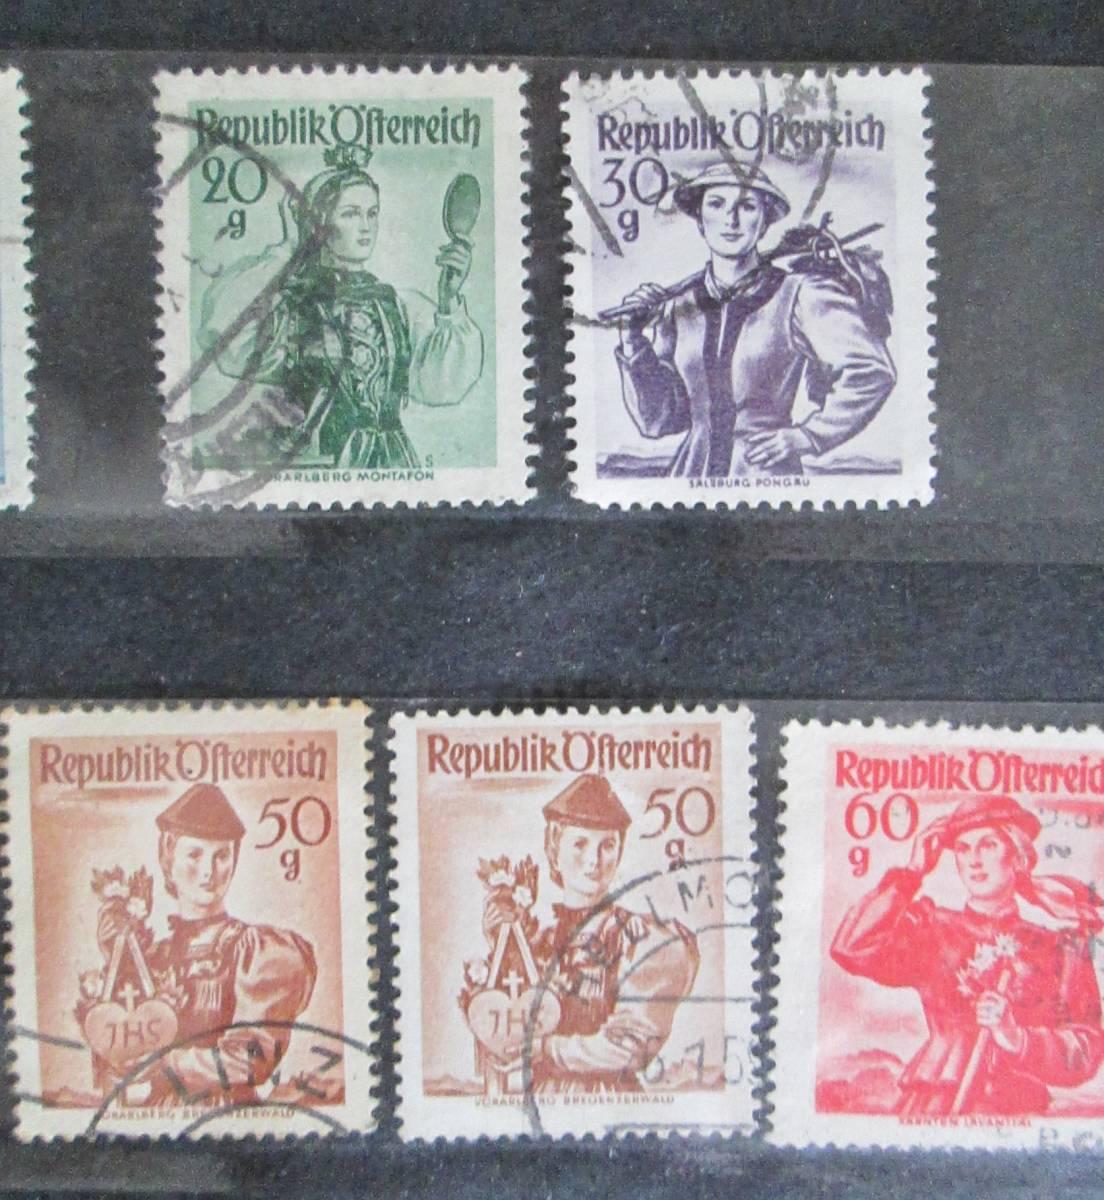 オーストリア切手 1948年~民族衣装シリーズ  5g~3.50S ザツツブルグ地方、フォーラルルベルク地方、チロル地方など 18枚 使用済_画像3